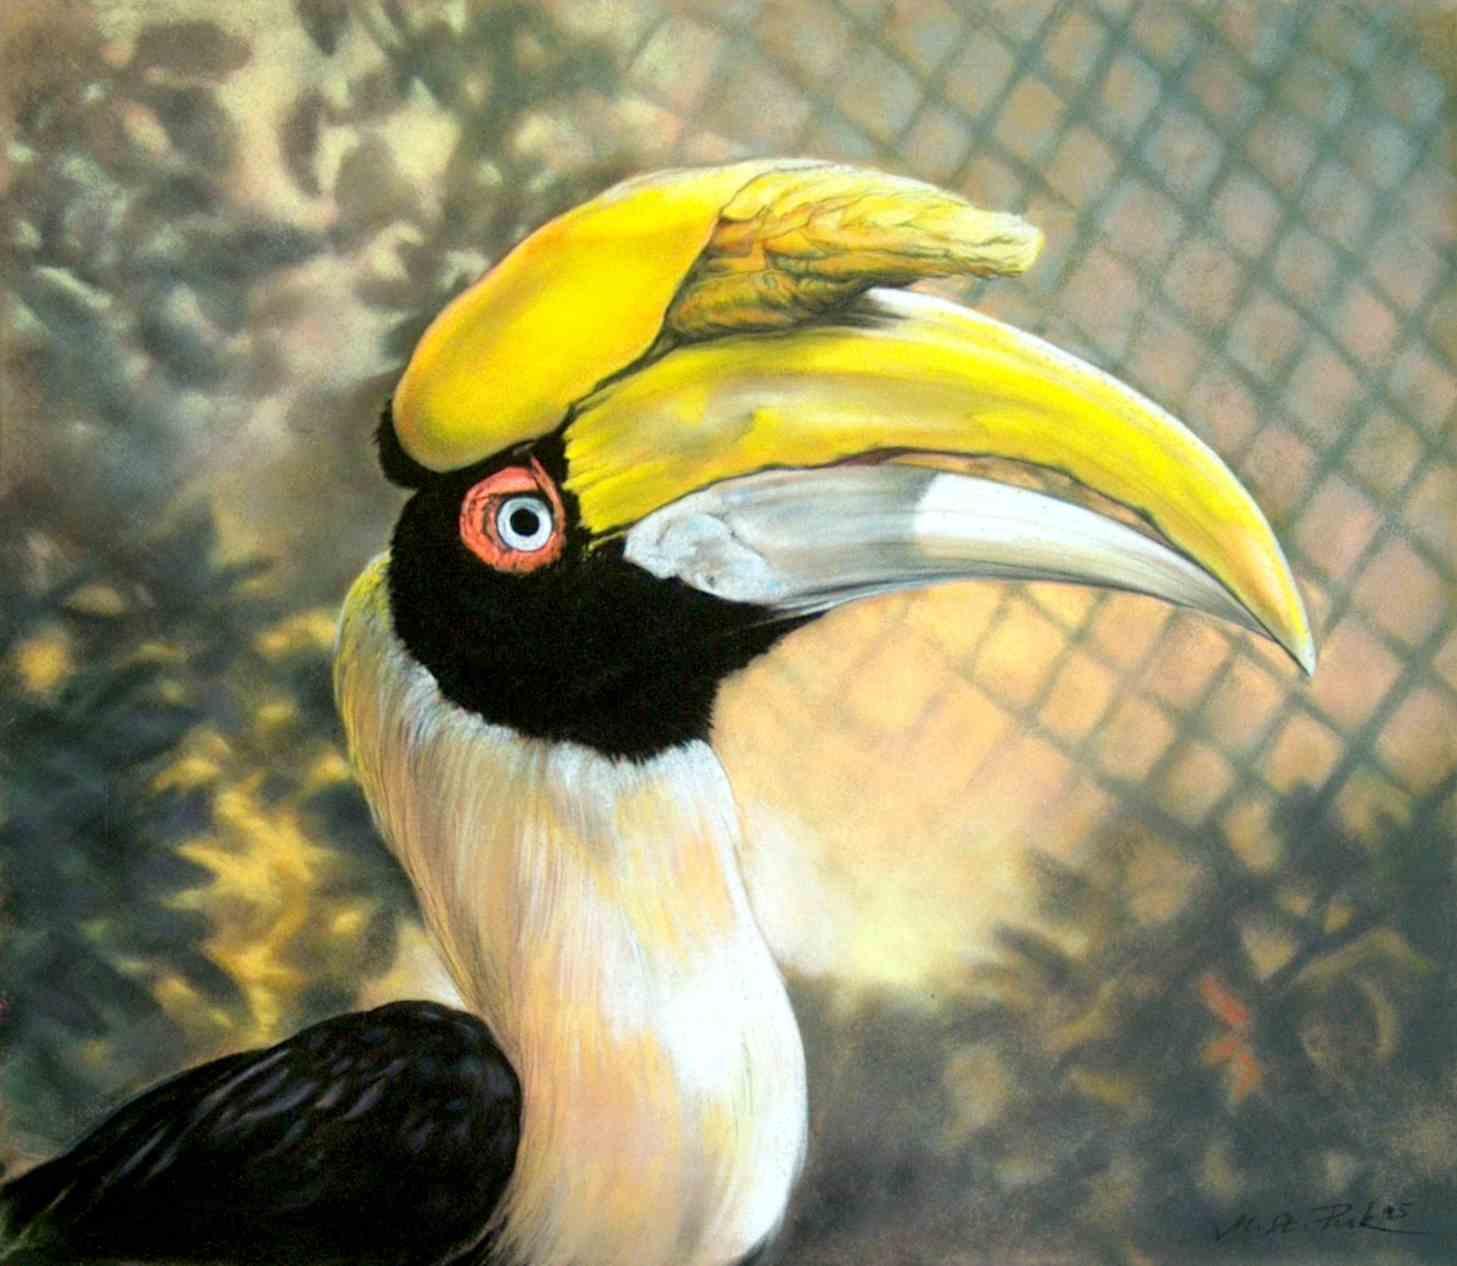 grosser hornvogel pastellzeichnung